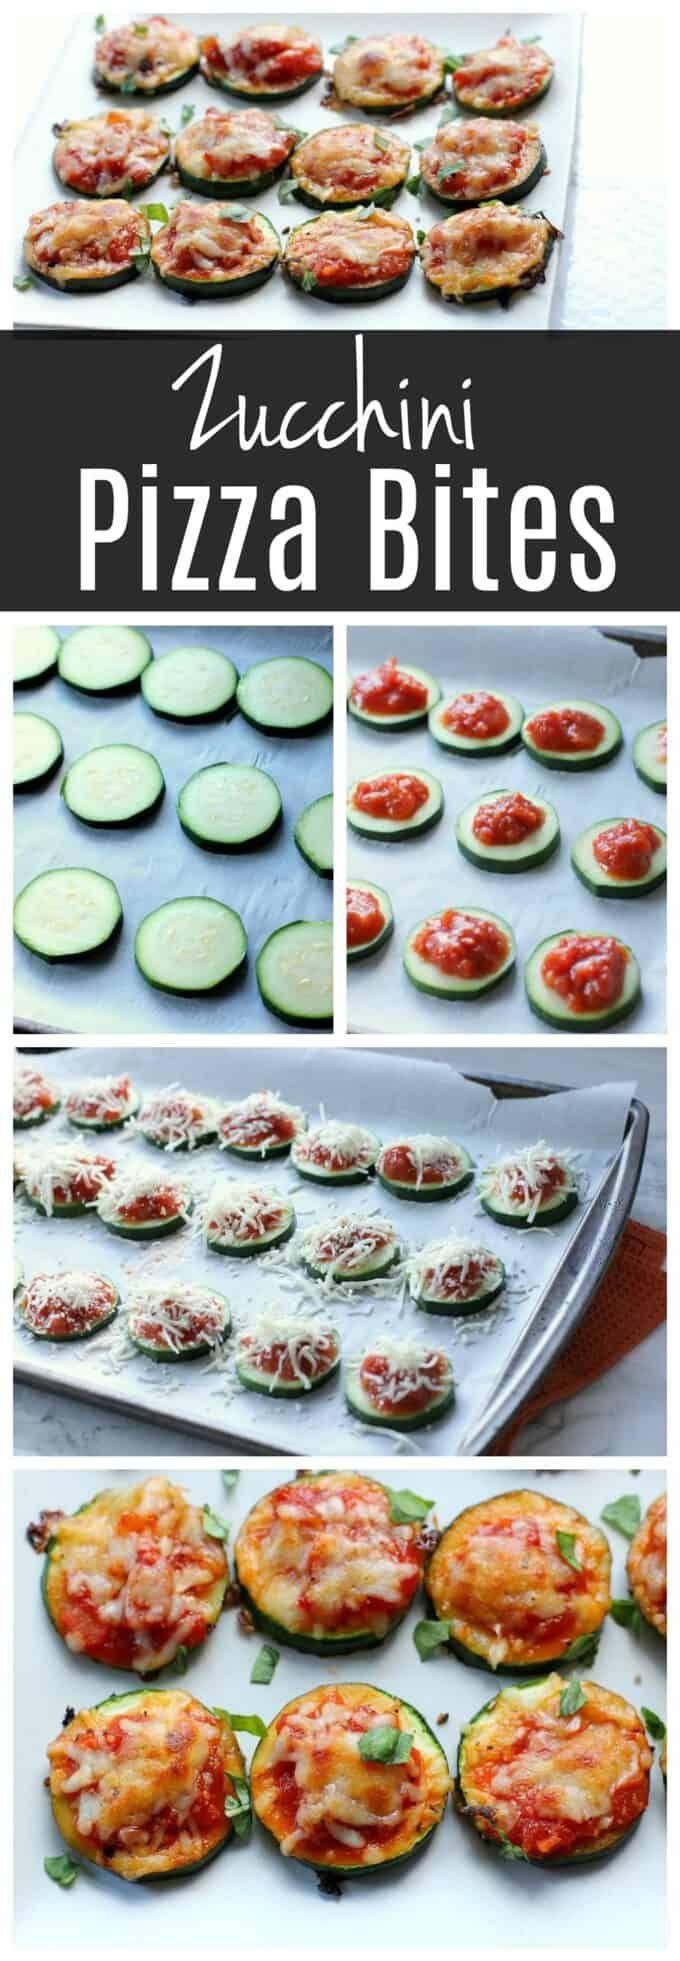 Easy Zucchini Pizza Bites